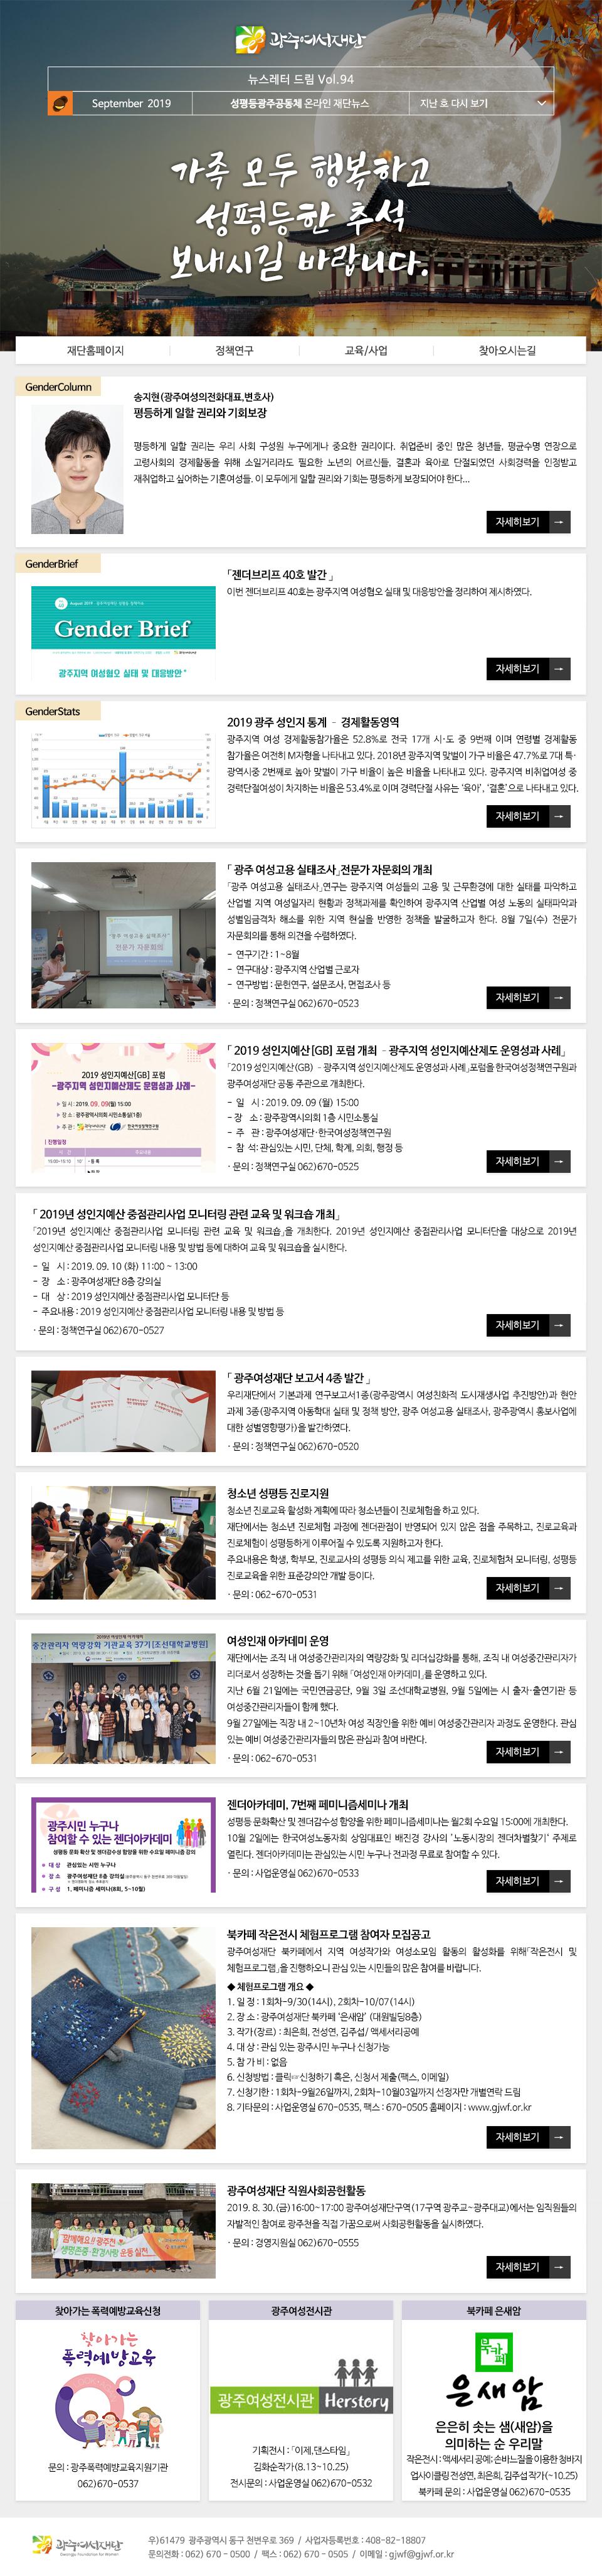 뉴스레터 드림 94호(19.9월) 썸네일